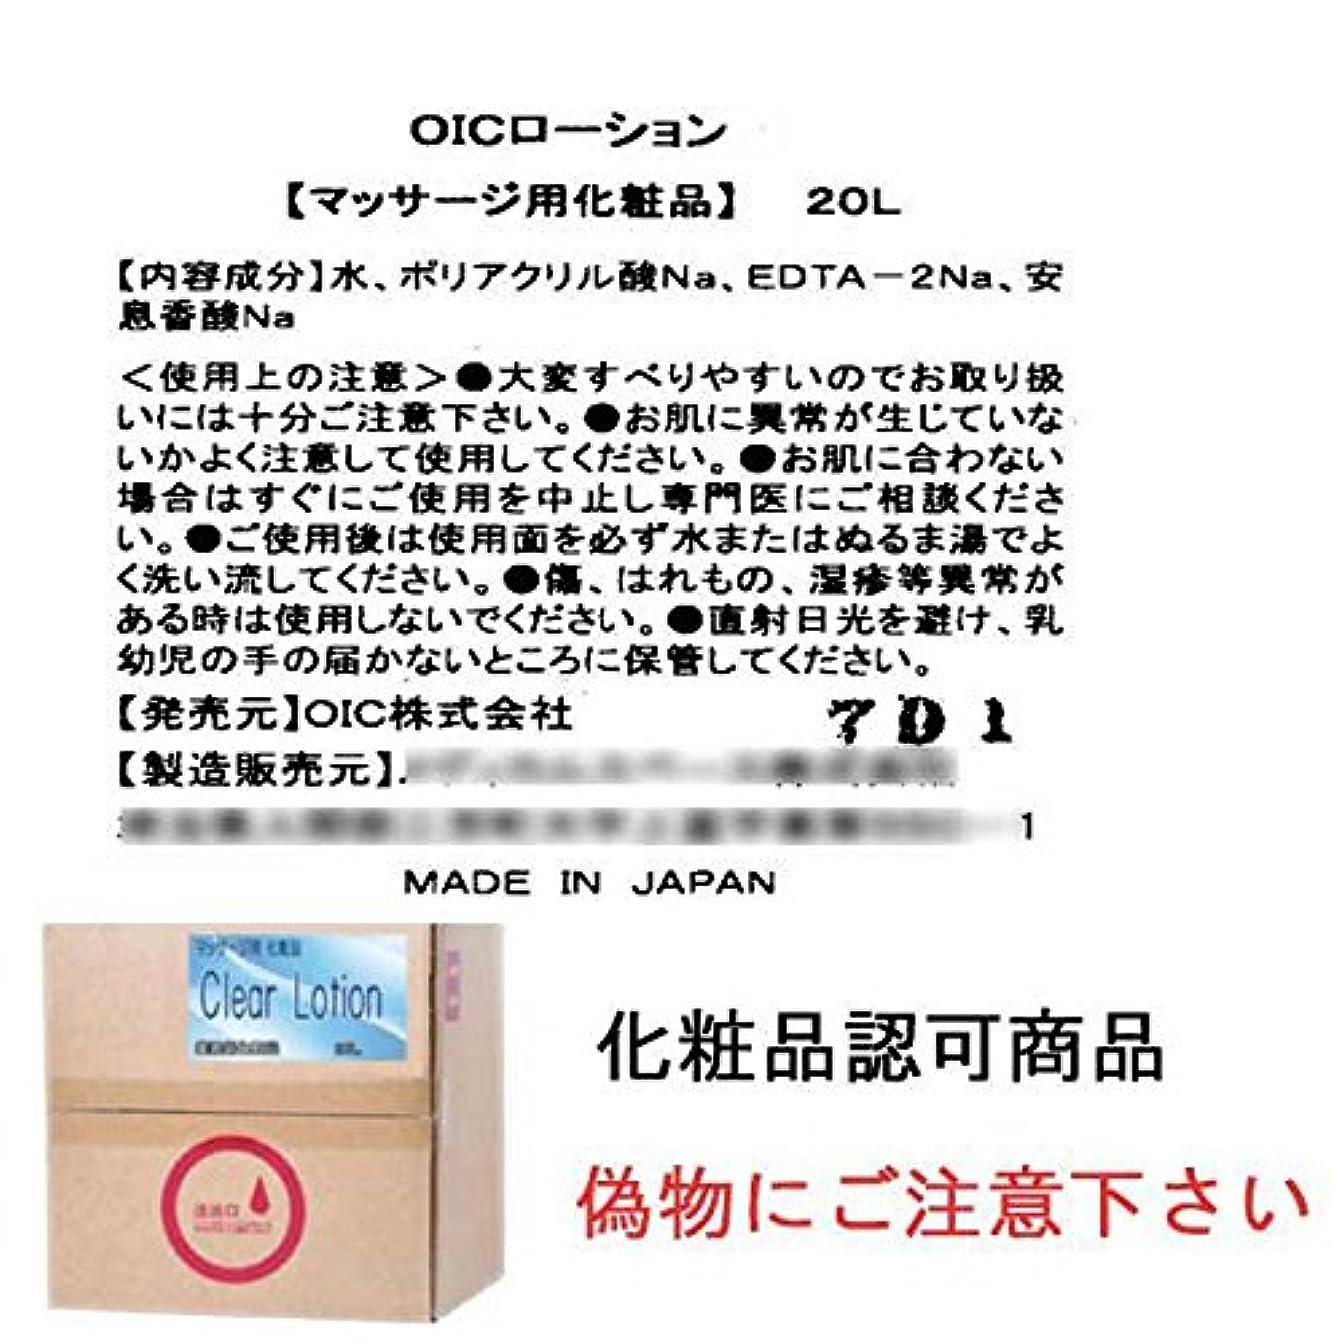 ダーリンご飯混合した業務用ローション(保湿タイプ) 20L (クリア(ミディアム?コック付属)) 販売元オーアイシー(OEM商品)